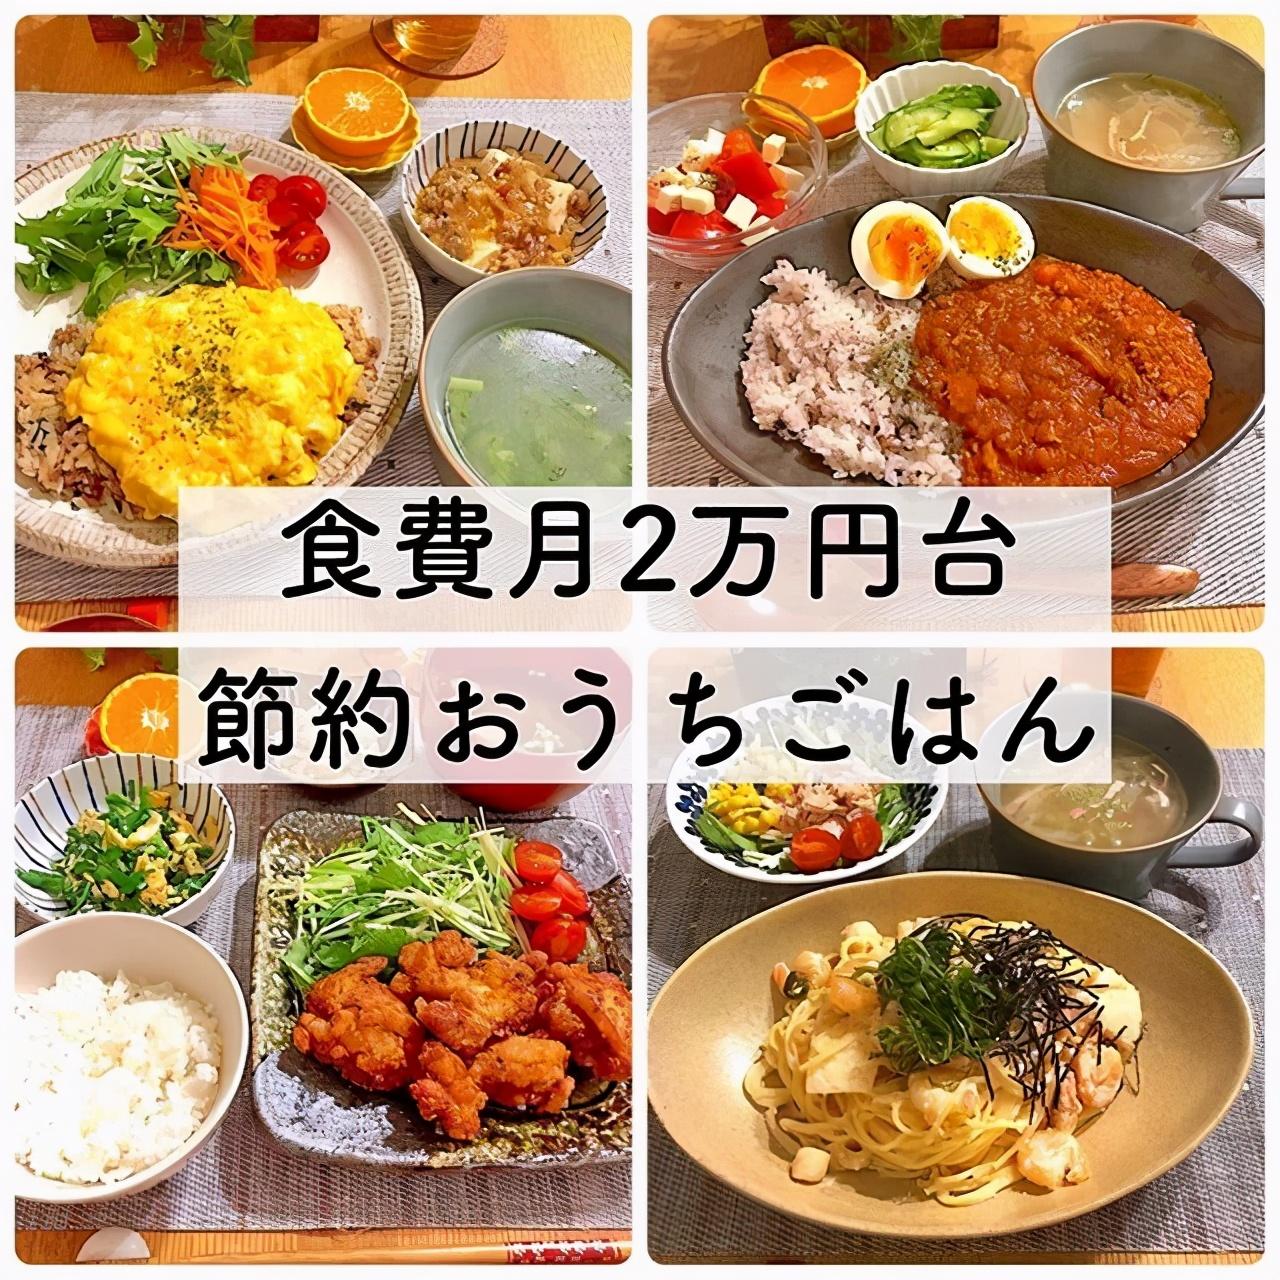 热衷节约的日本主妇,每顿饭不超过7元,网友:太会省钱了 节约省钱 第3张